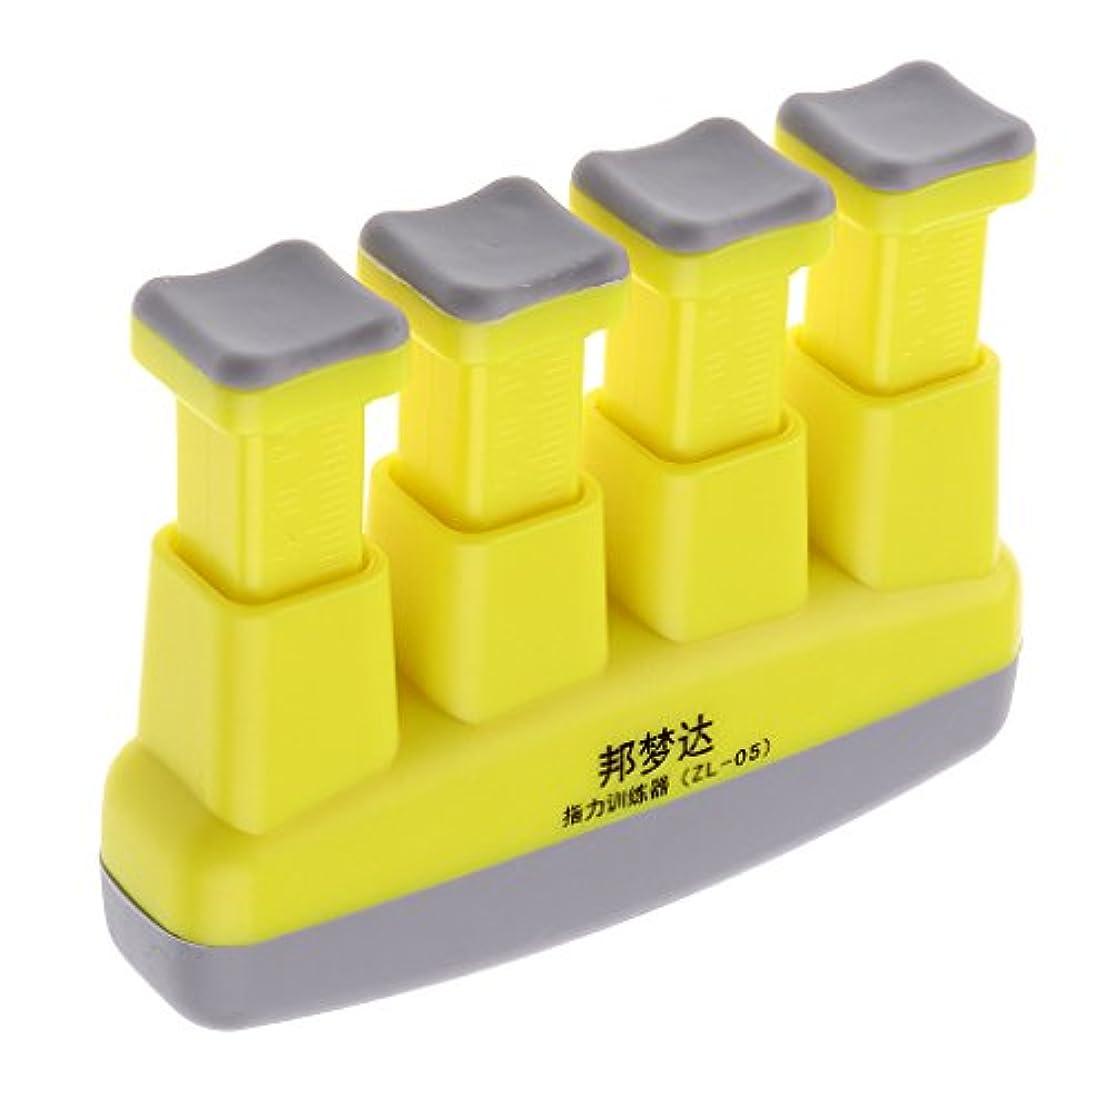 奇跡くつろぐ献身Kesoto ハンドグリップ エクササイザ 4-6ポンド 調節可 ハンド 手首 腕 グリップ グリッパー 黄色 ABS +シリコン